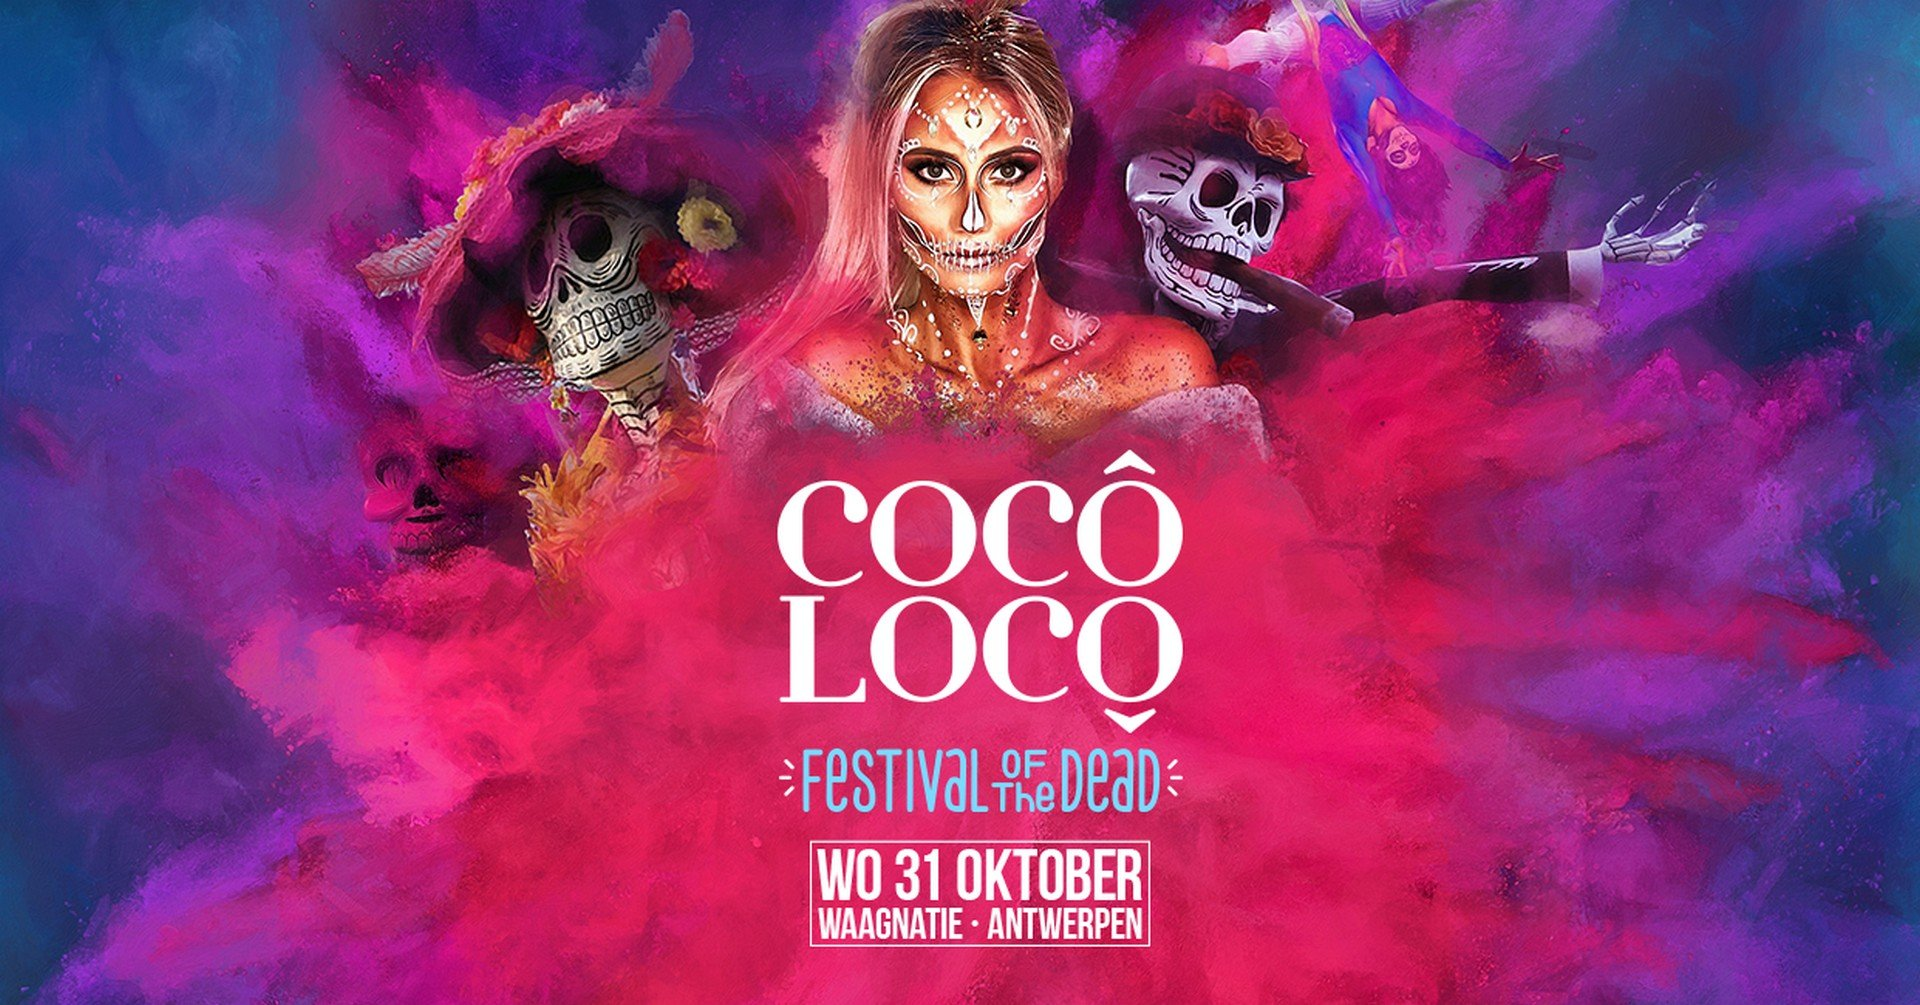 Cocô Locô - het festival van de doden komt naar Antwerpen - Coco Loco 1